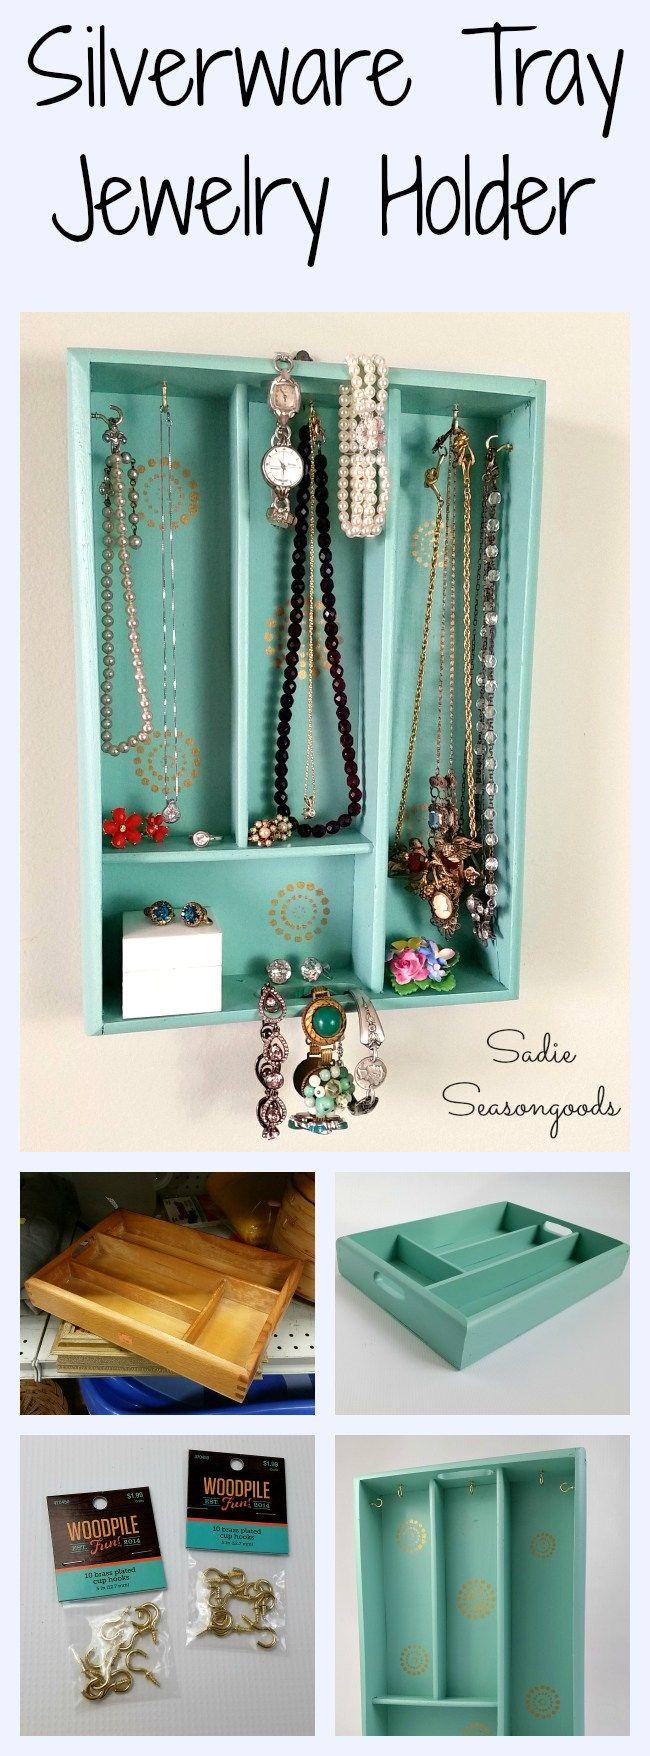 New jewelry organizers (DIY jewelry organization ideas